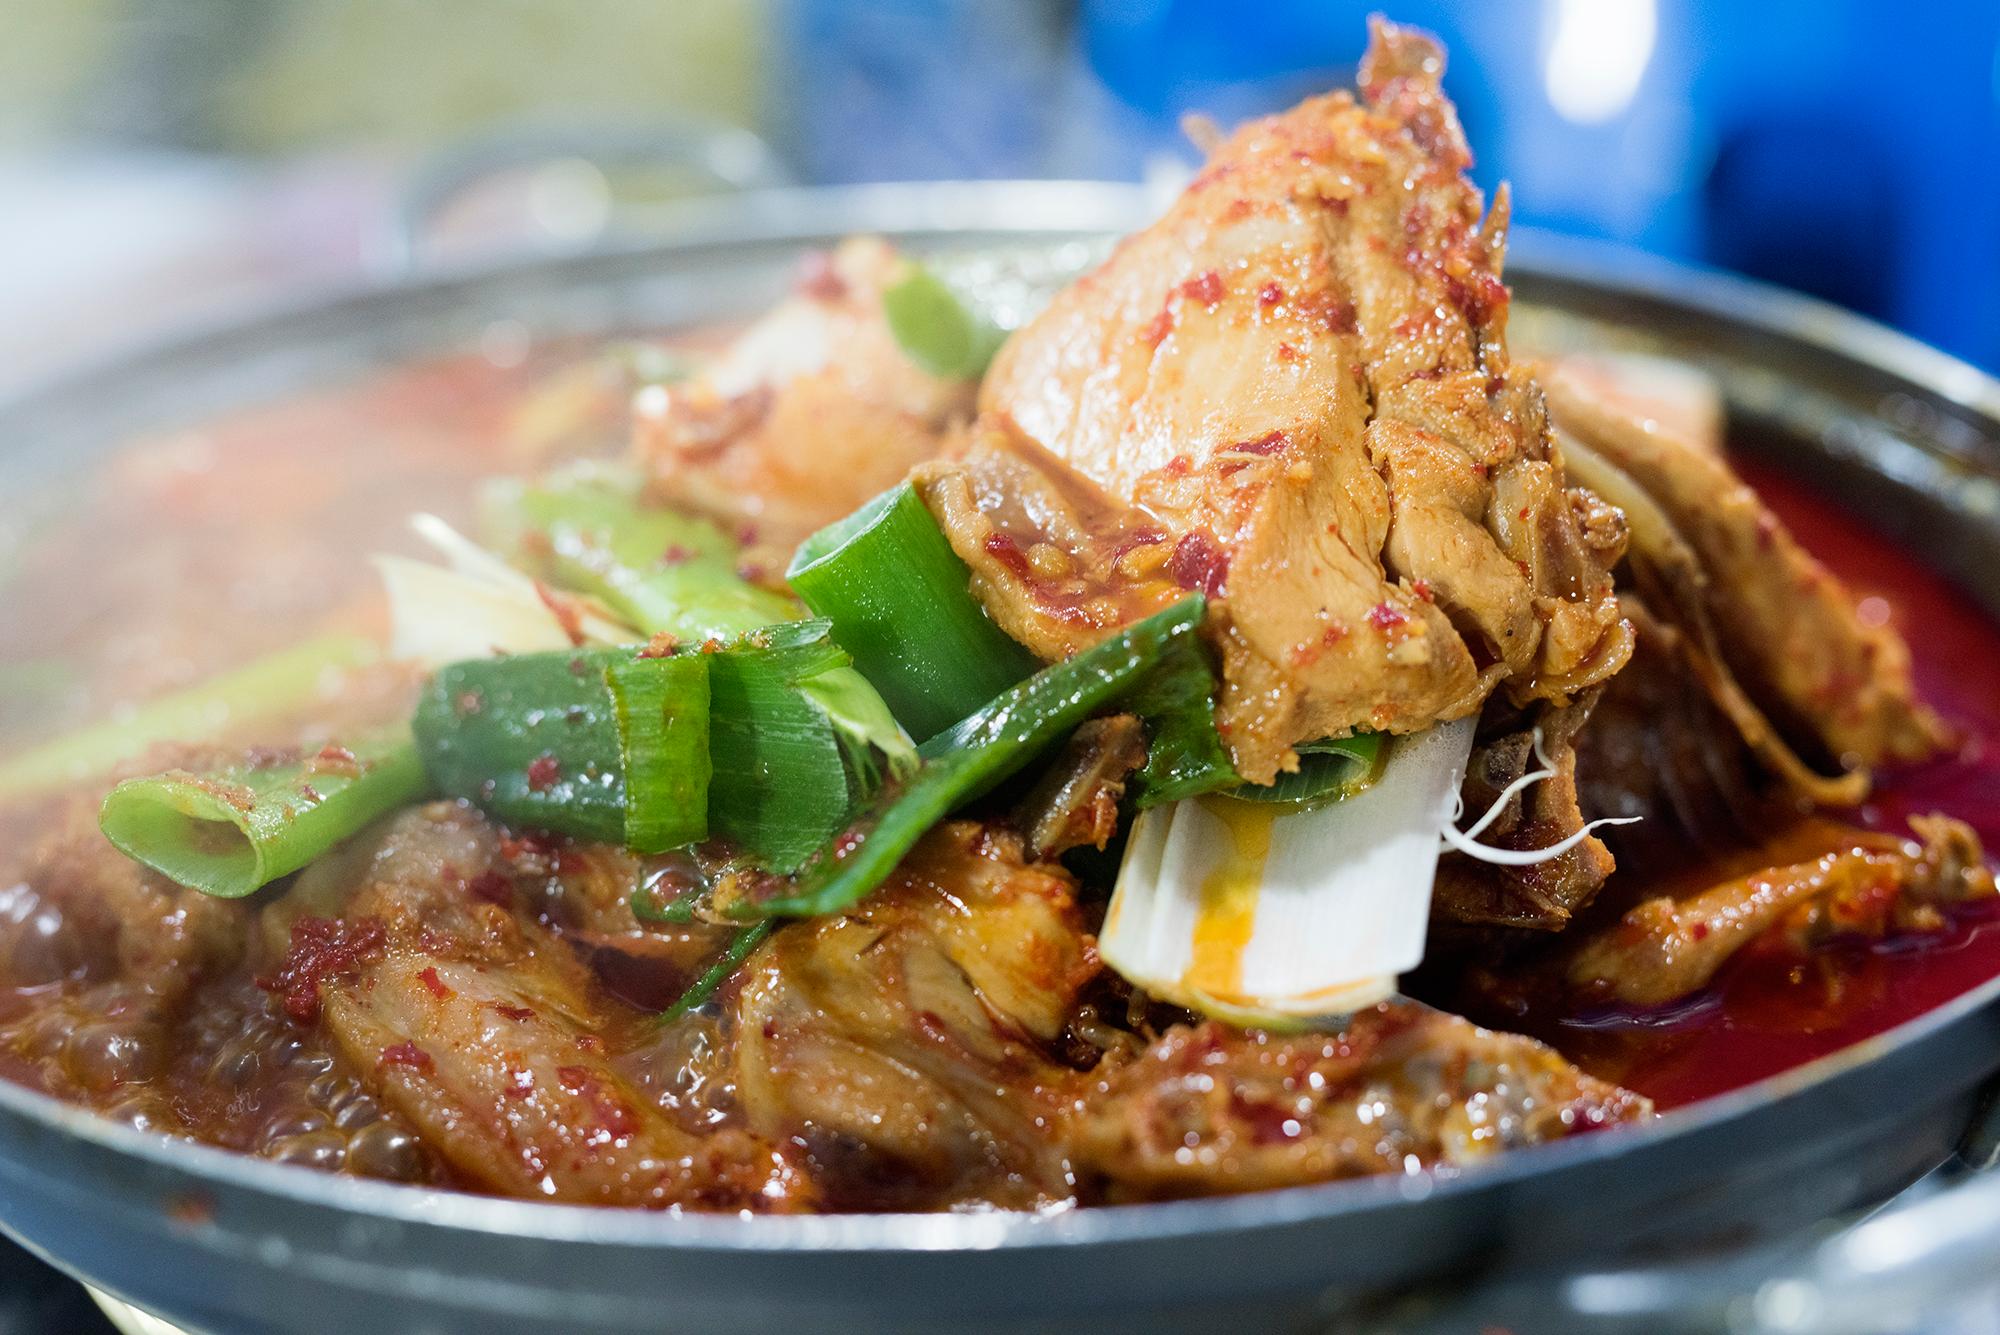 입맛 제대로 살리는 칼칼한 닭볶음탕 맛집 4